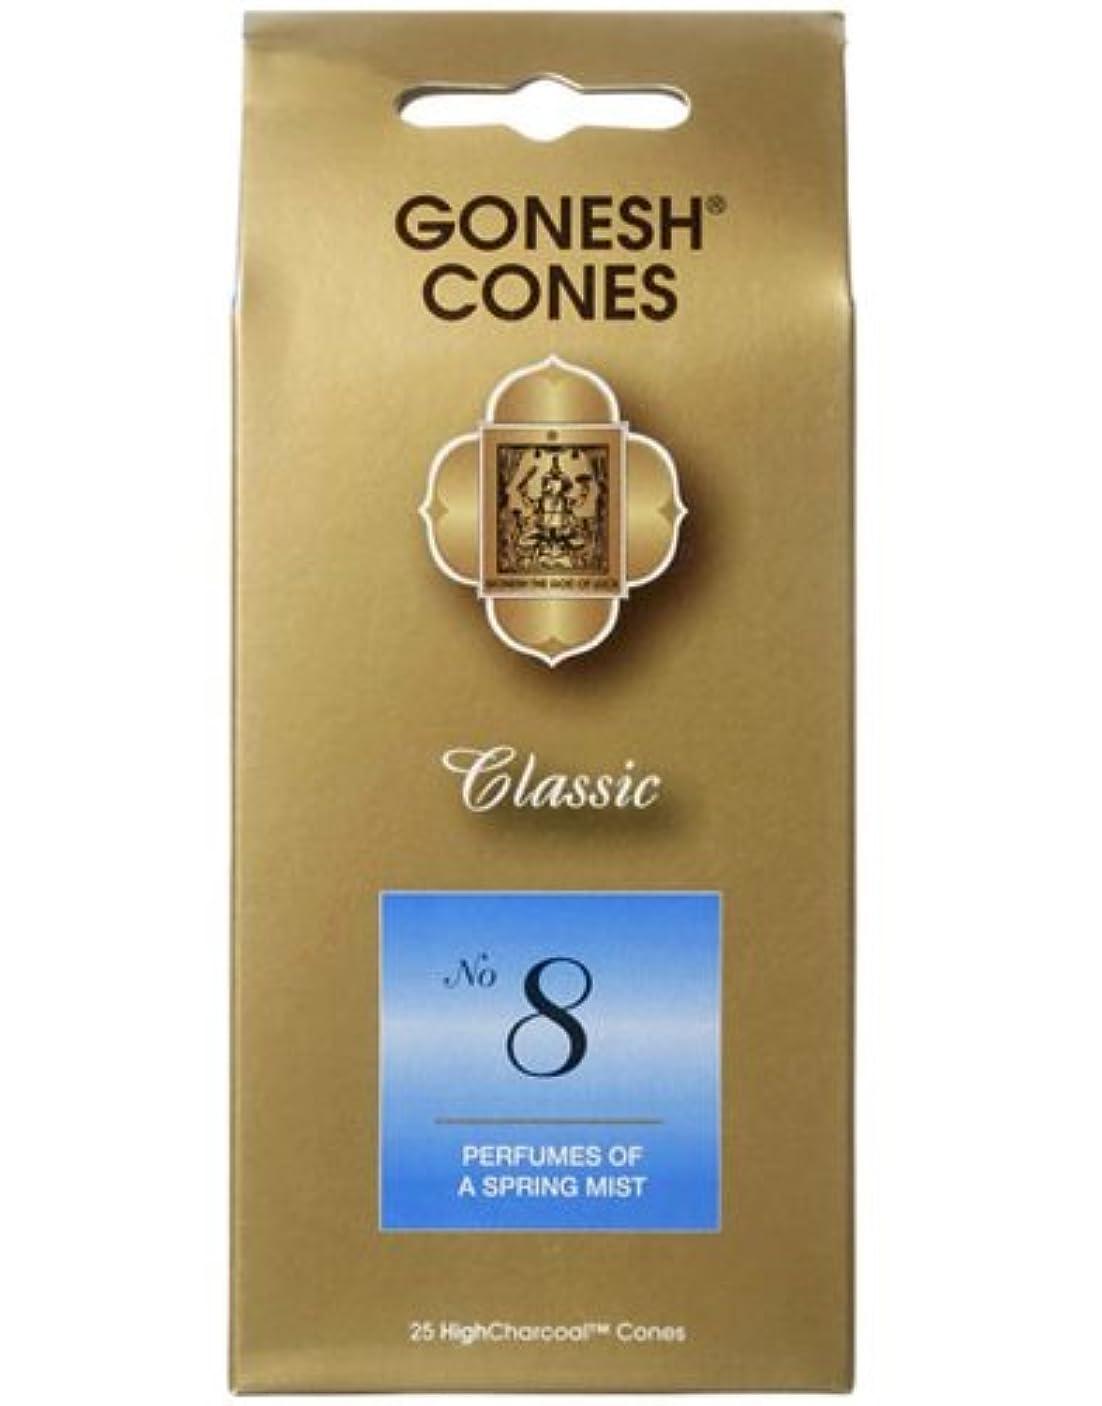 同情的リークルビーガーネッシュ(GONESH) ナンバー インセンス コーン No.8 25個入(お香)